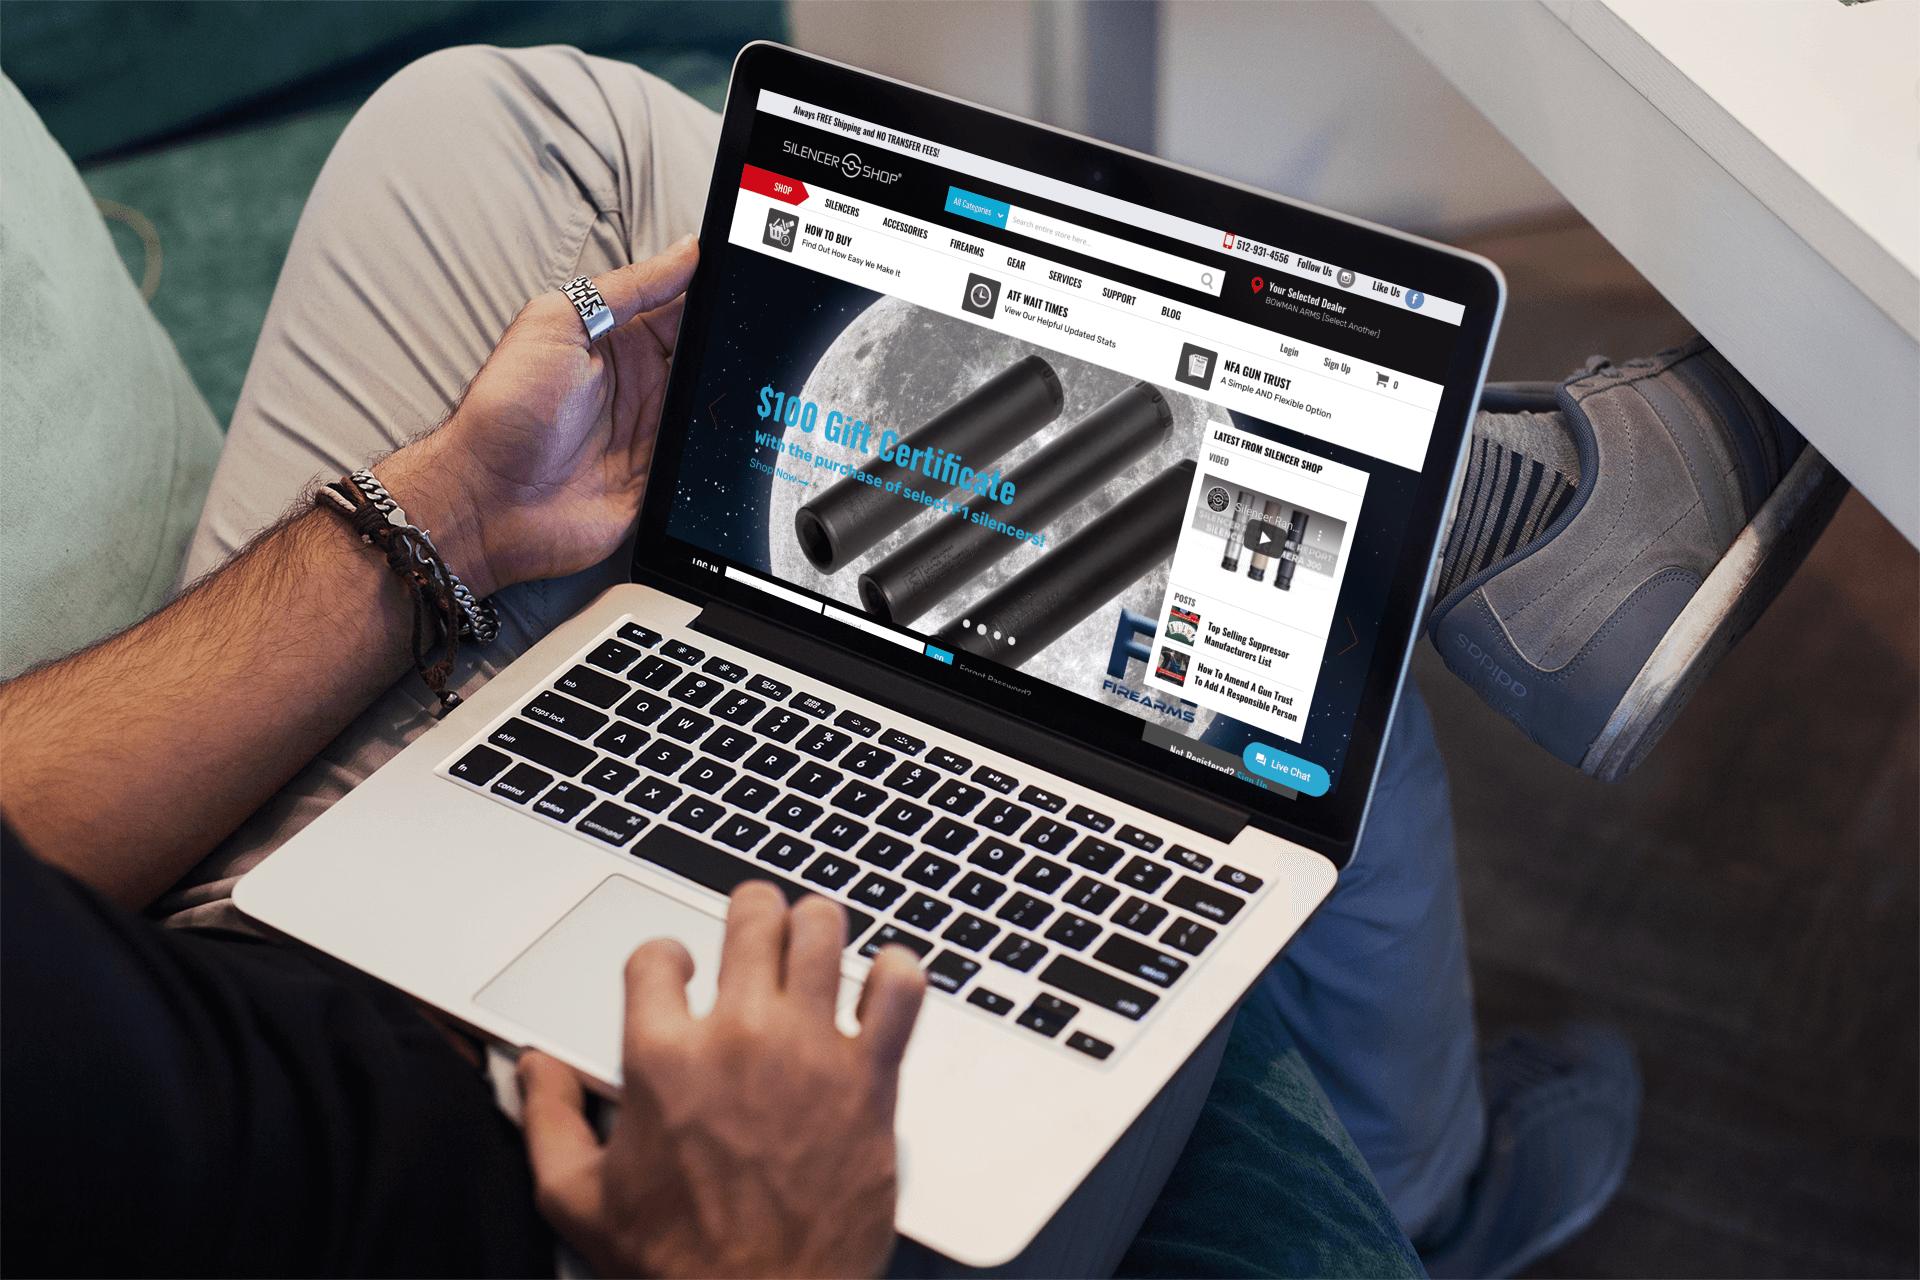 ss-website-mockup-macbook